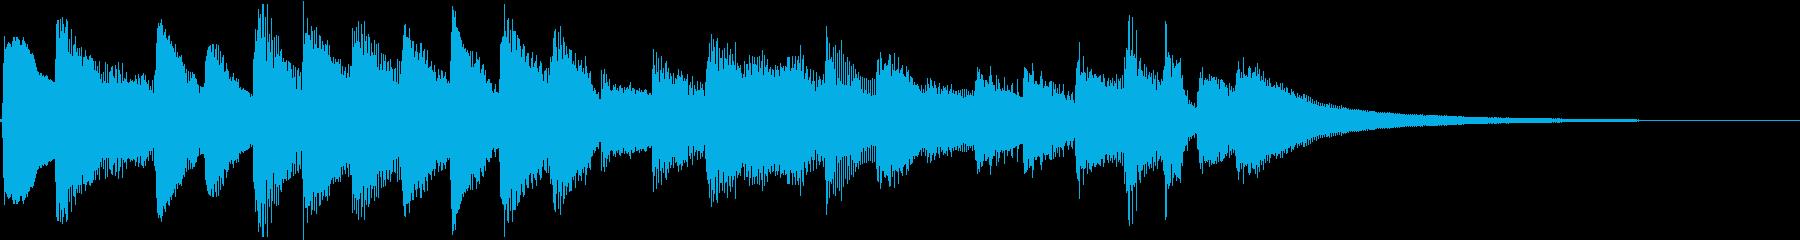 ゲーム音楽 宿屋の再生済みの波形